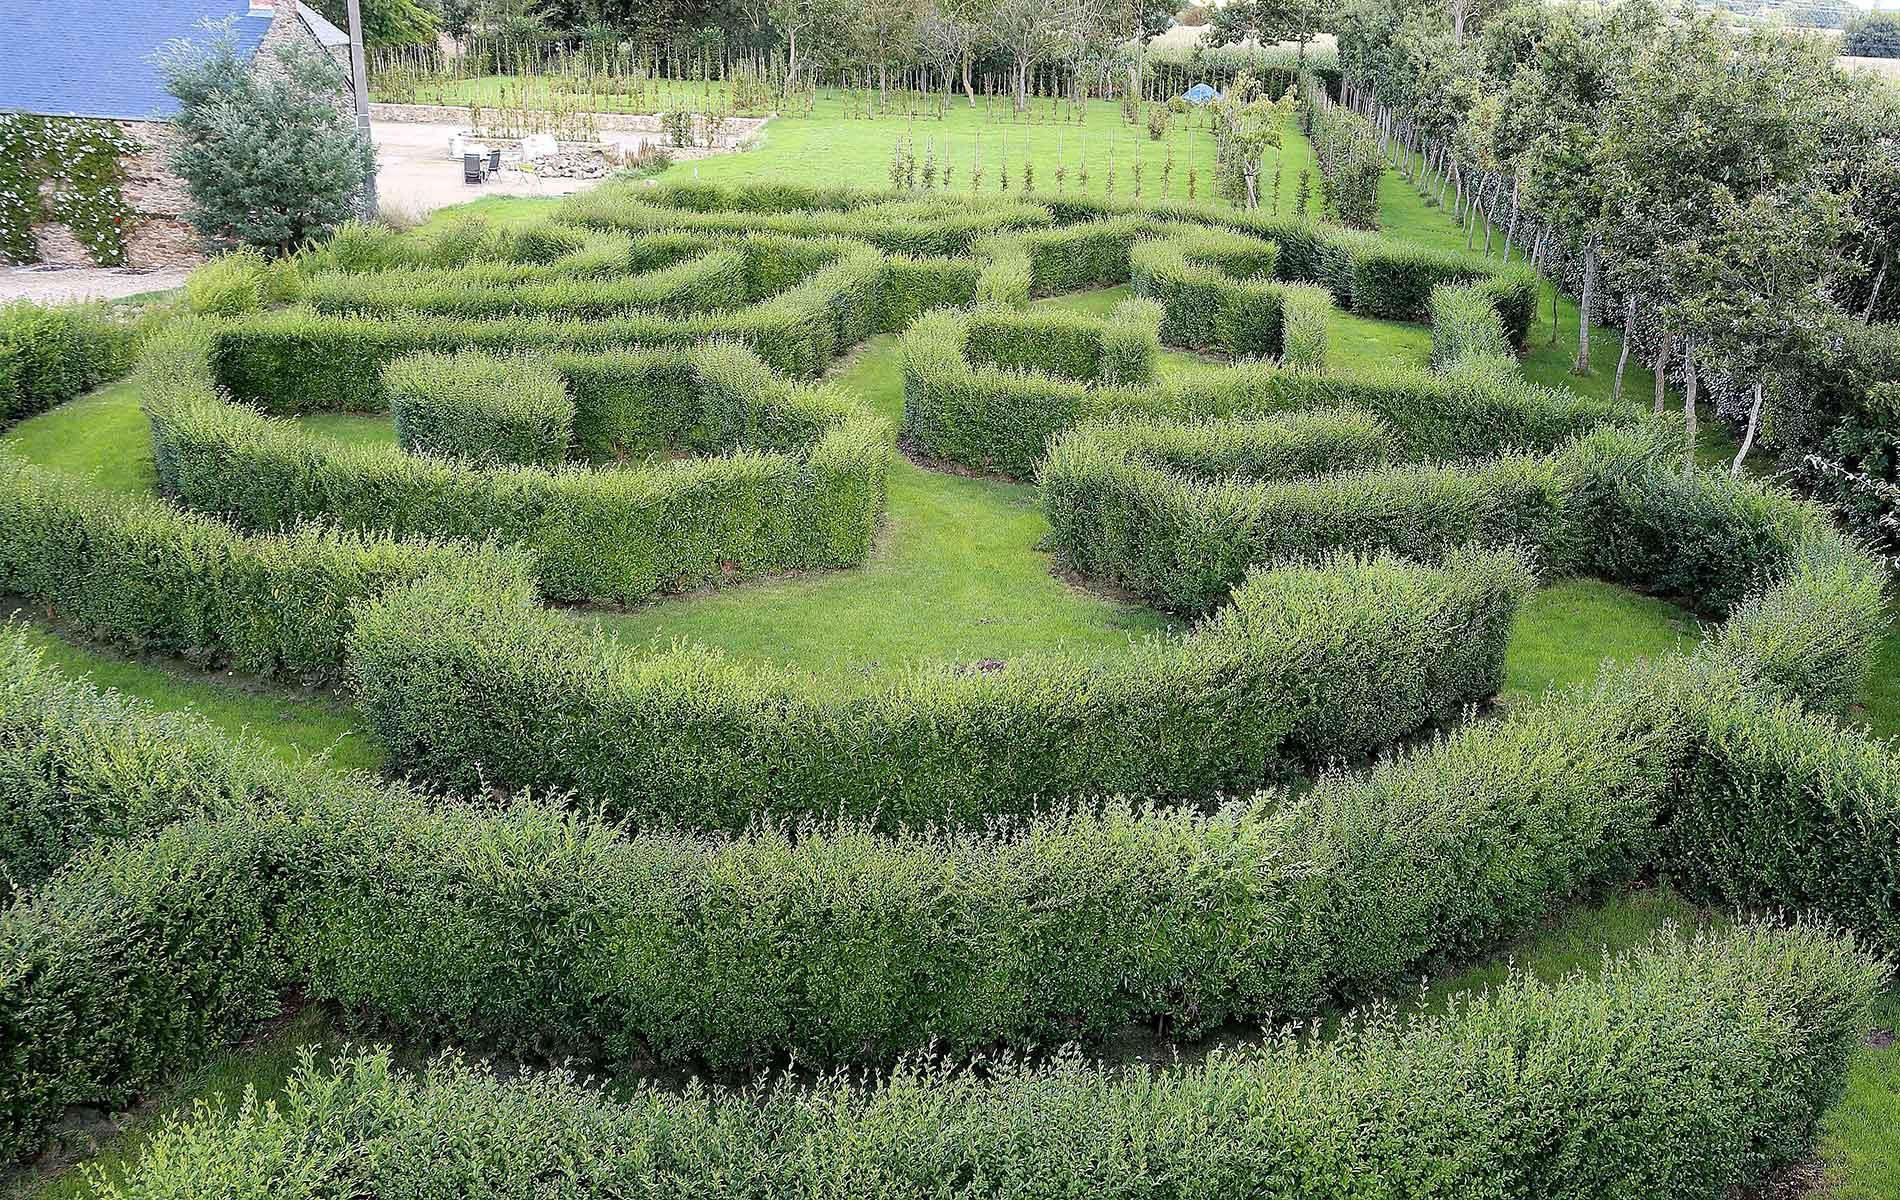 Jardines y laberinto vegetal cerca de st malo y dinard en for Jardin laberinto